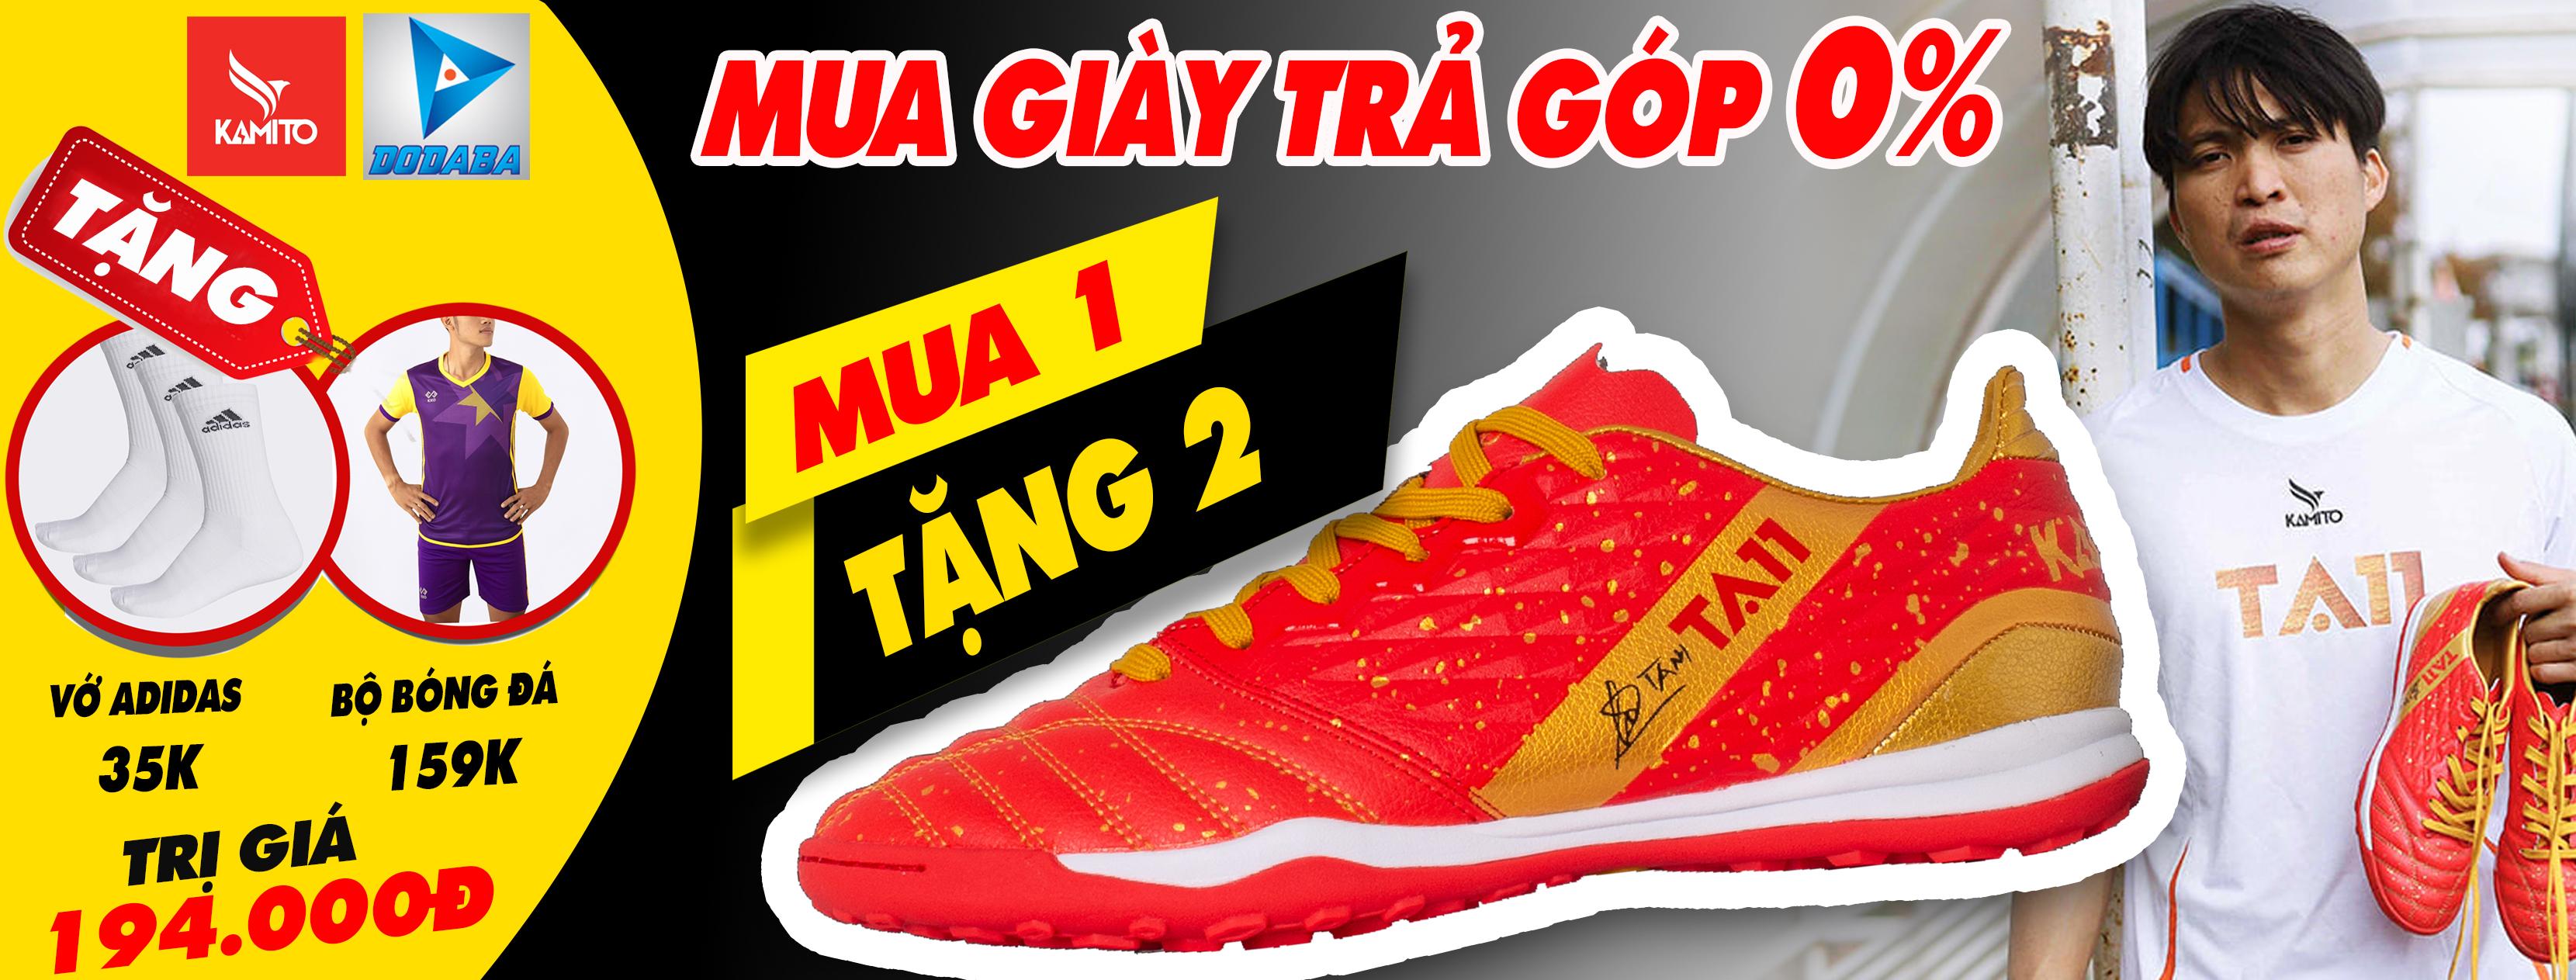 giày đá banh tuấn anh TA11